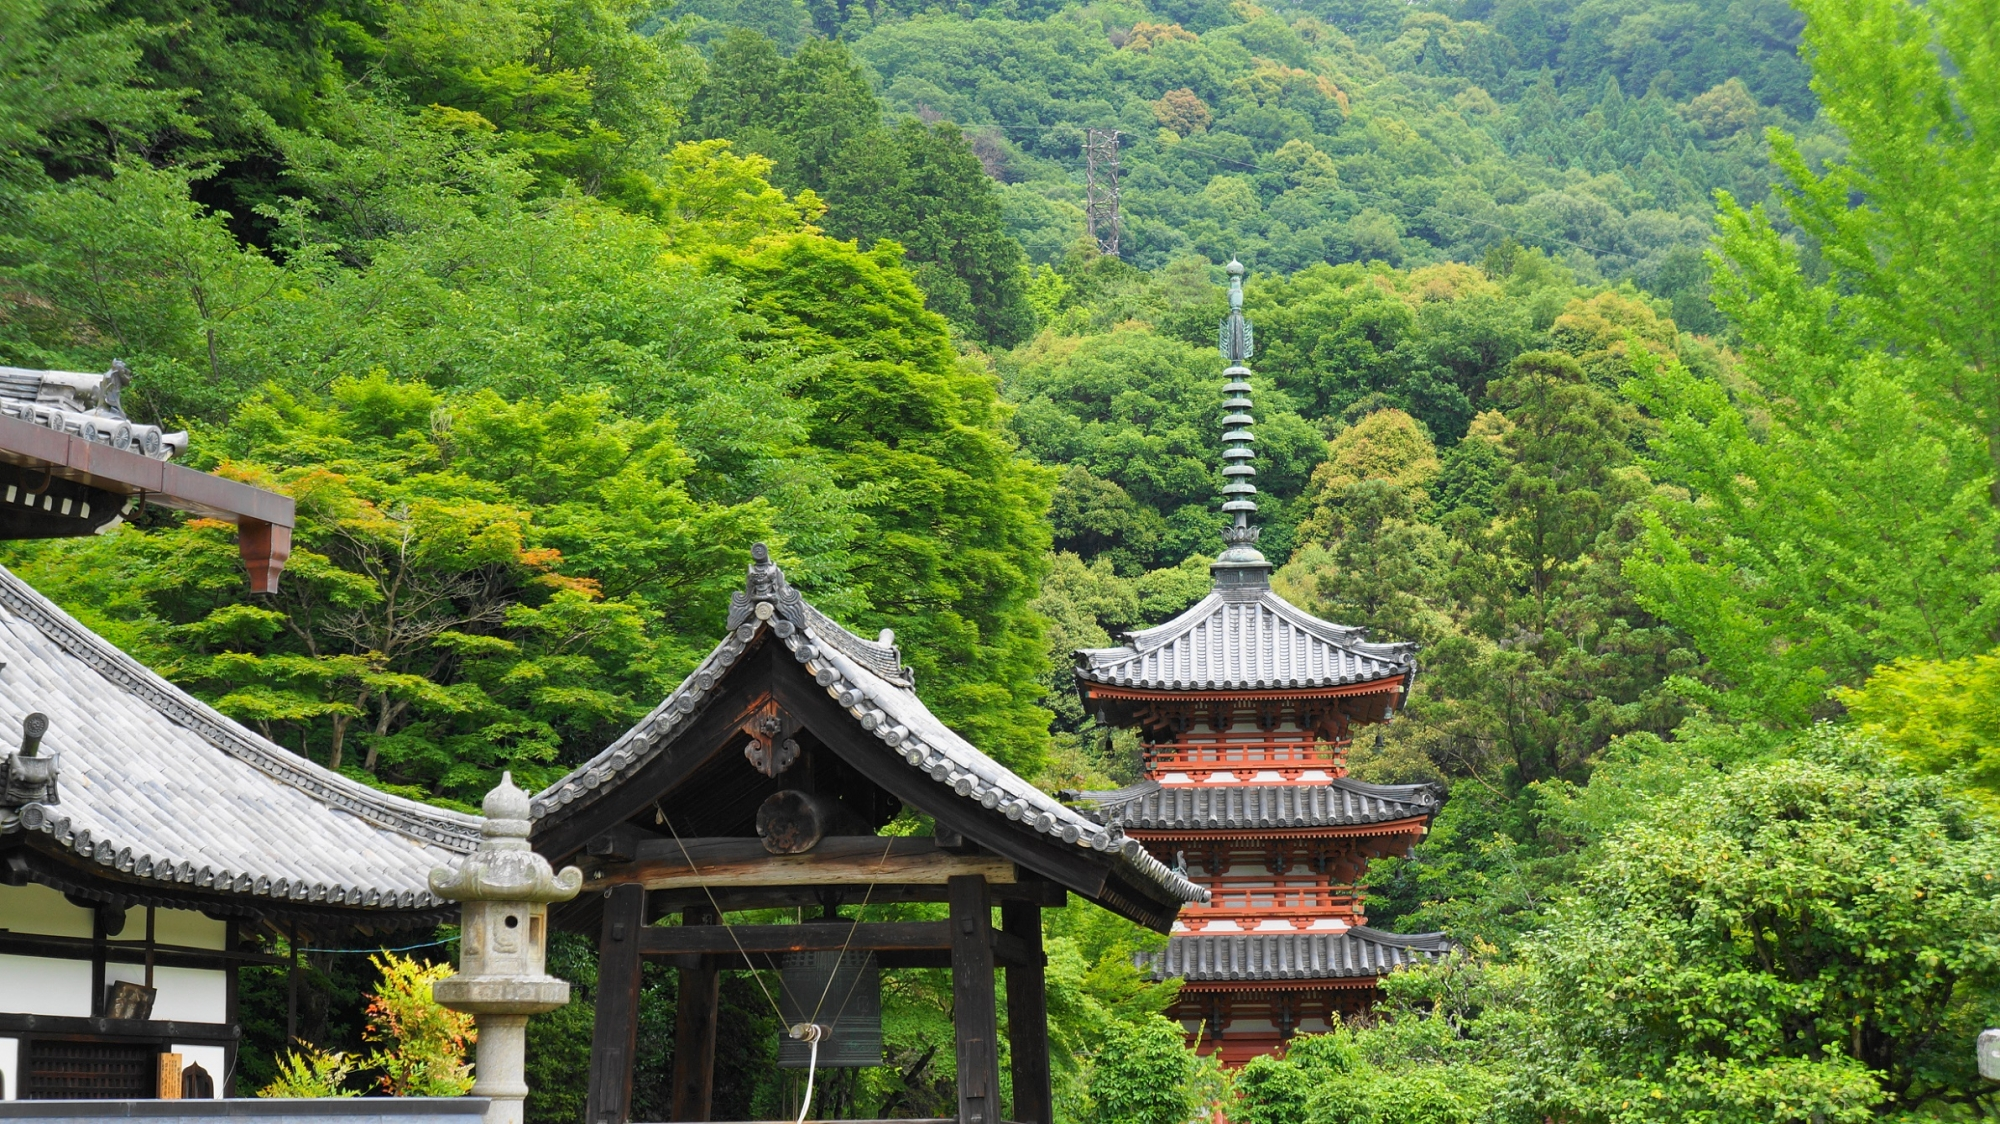 深い緑の中に佇む三室戸寺の鐘楼と朱色の三重塔